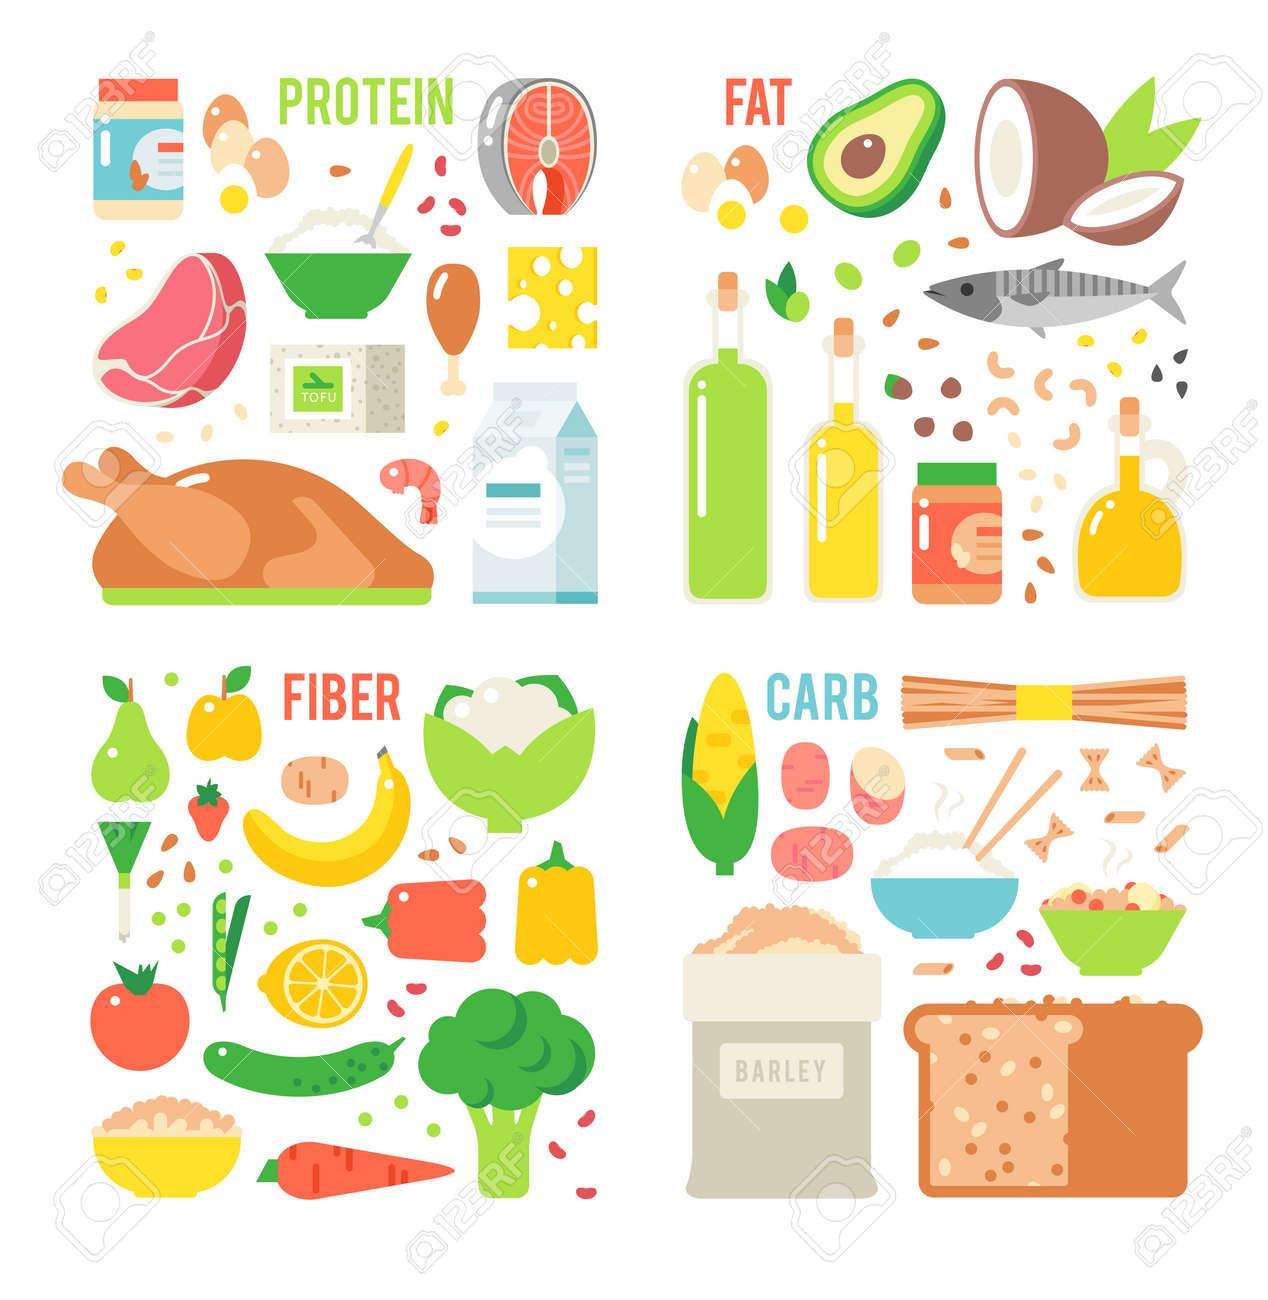 grupos de alimentos hidratos de carbono proteinas y grasas